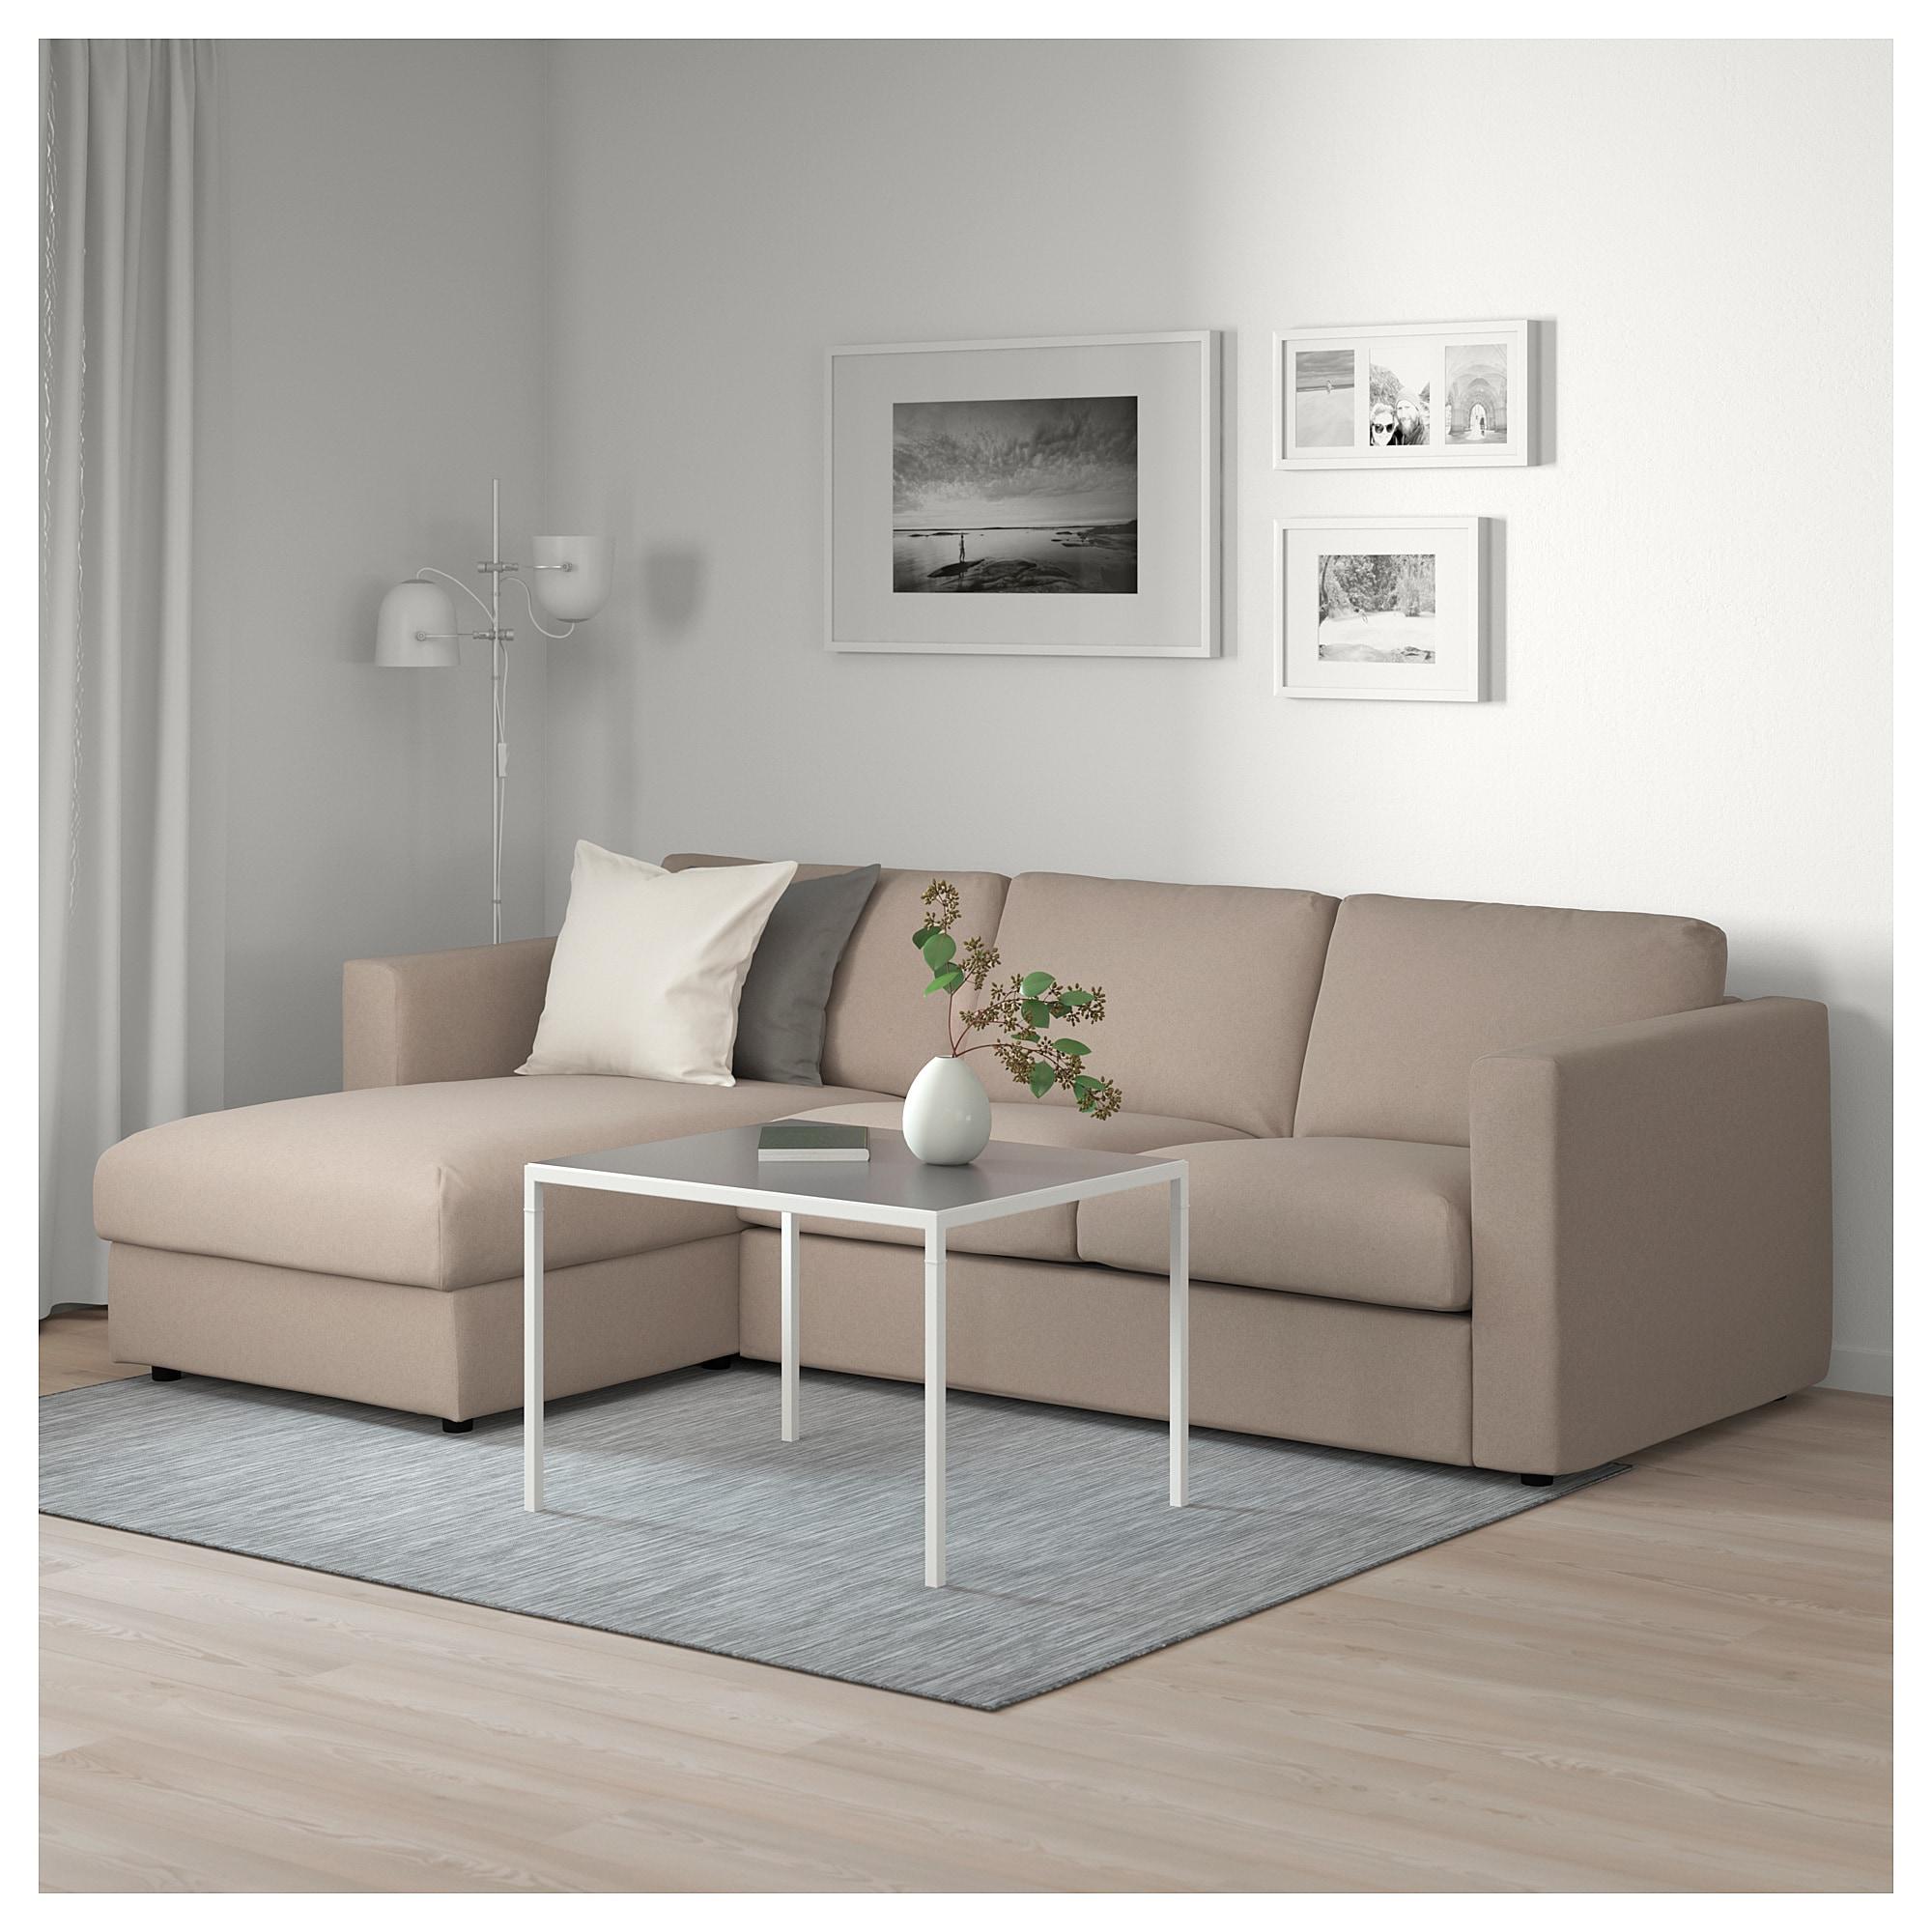 Vimle 3er Sofa Mit Recamiere Tallmyra Beige 3er Sofa Recamiere Und Chaiselongue